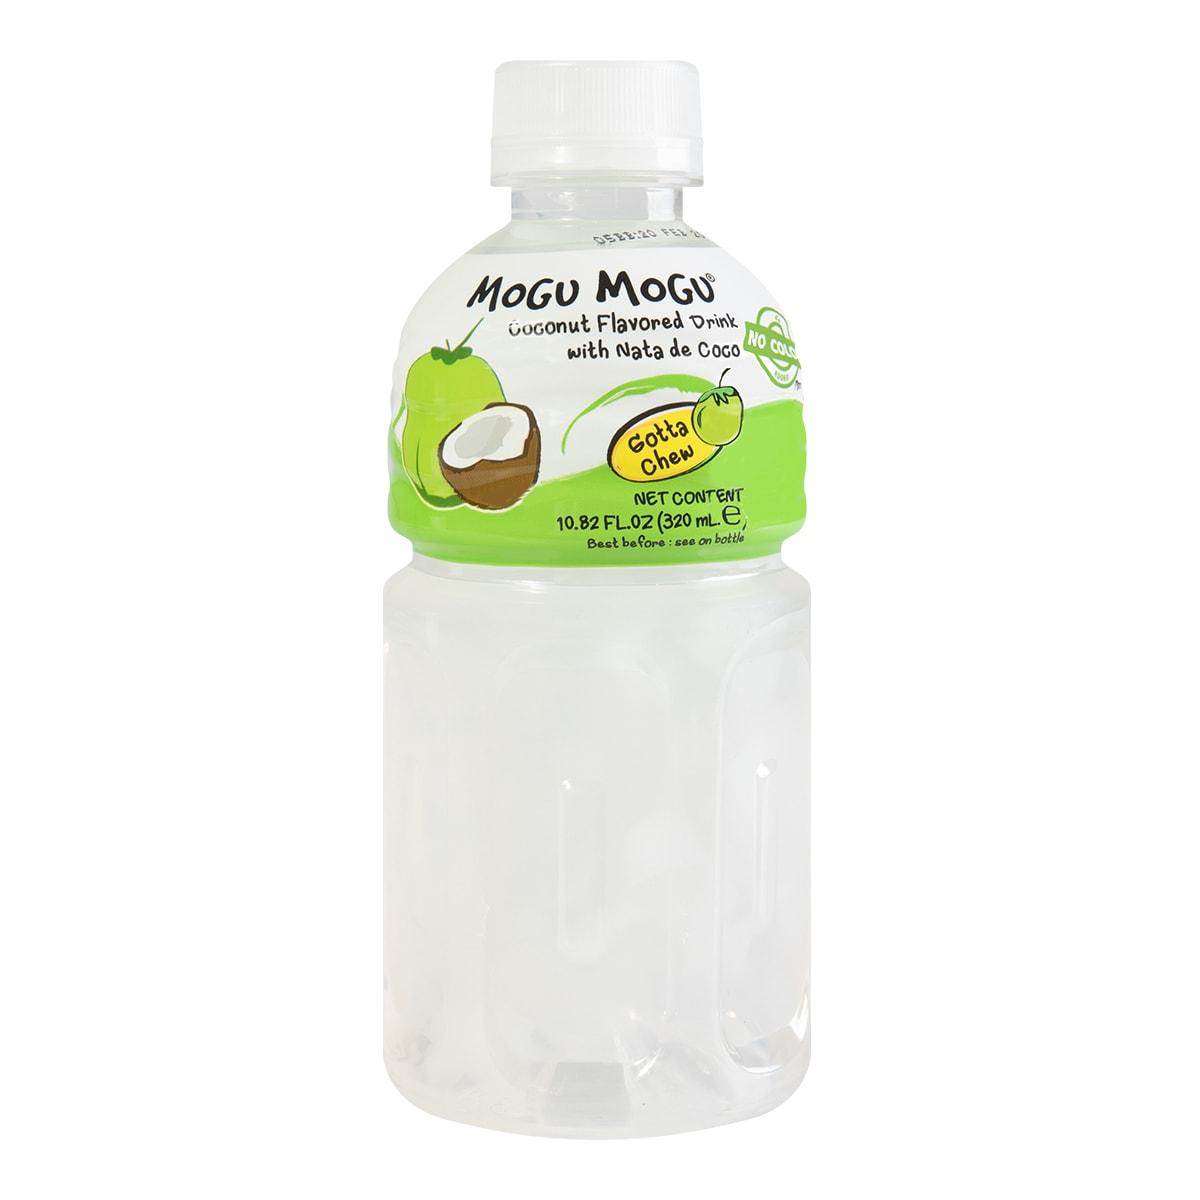 泰国MOGU MOGU 果汁椰果饮料 椰子味 320ml